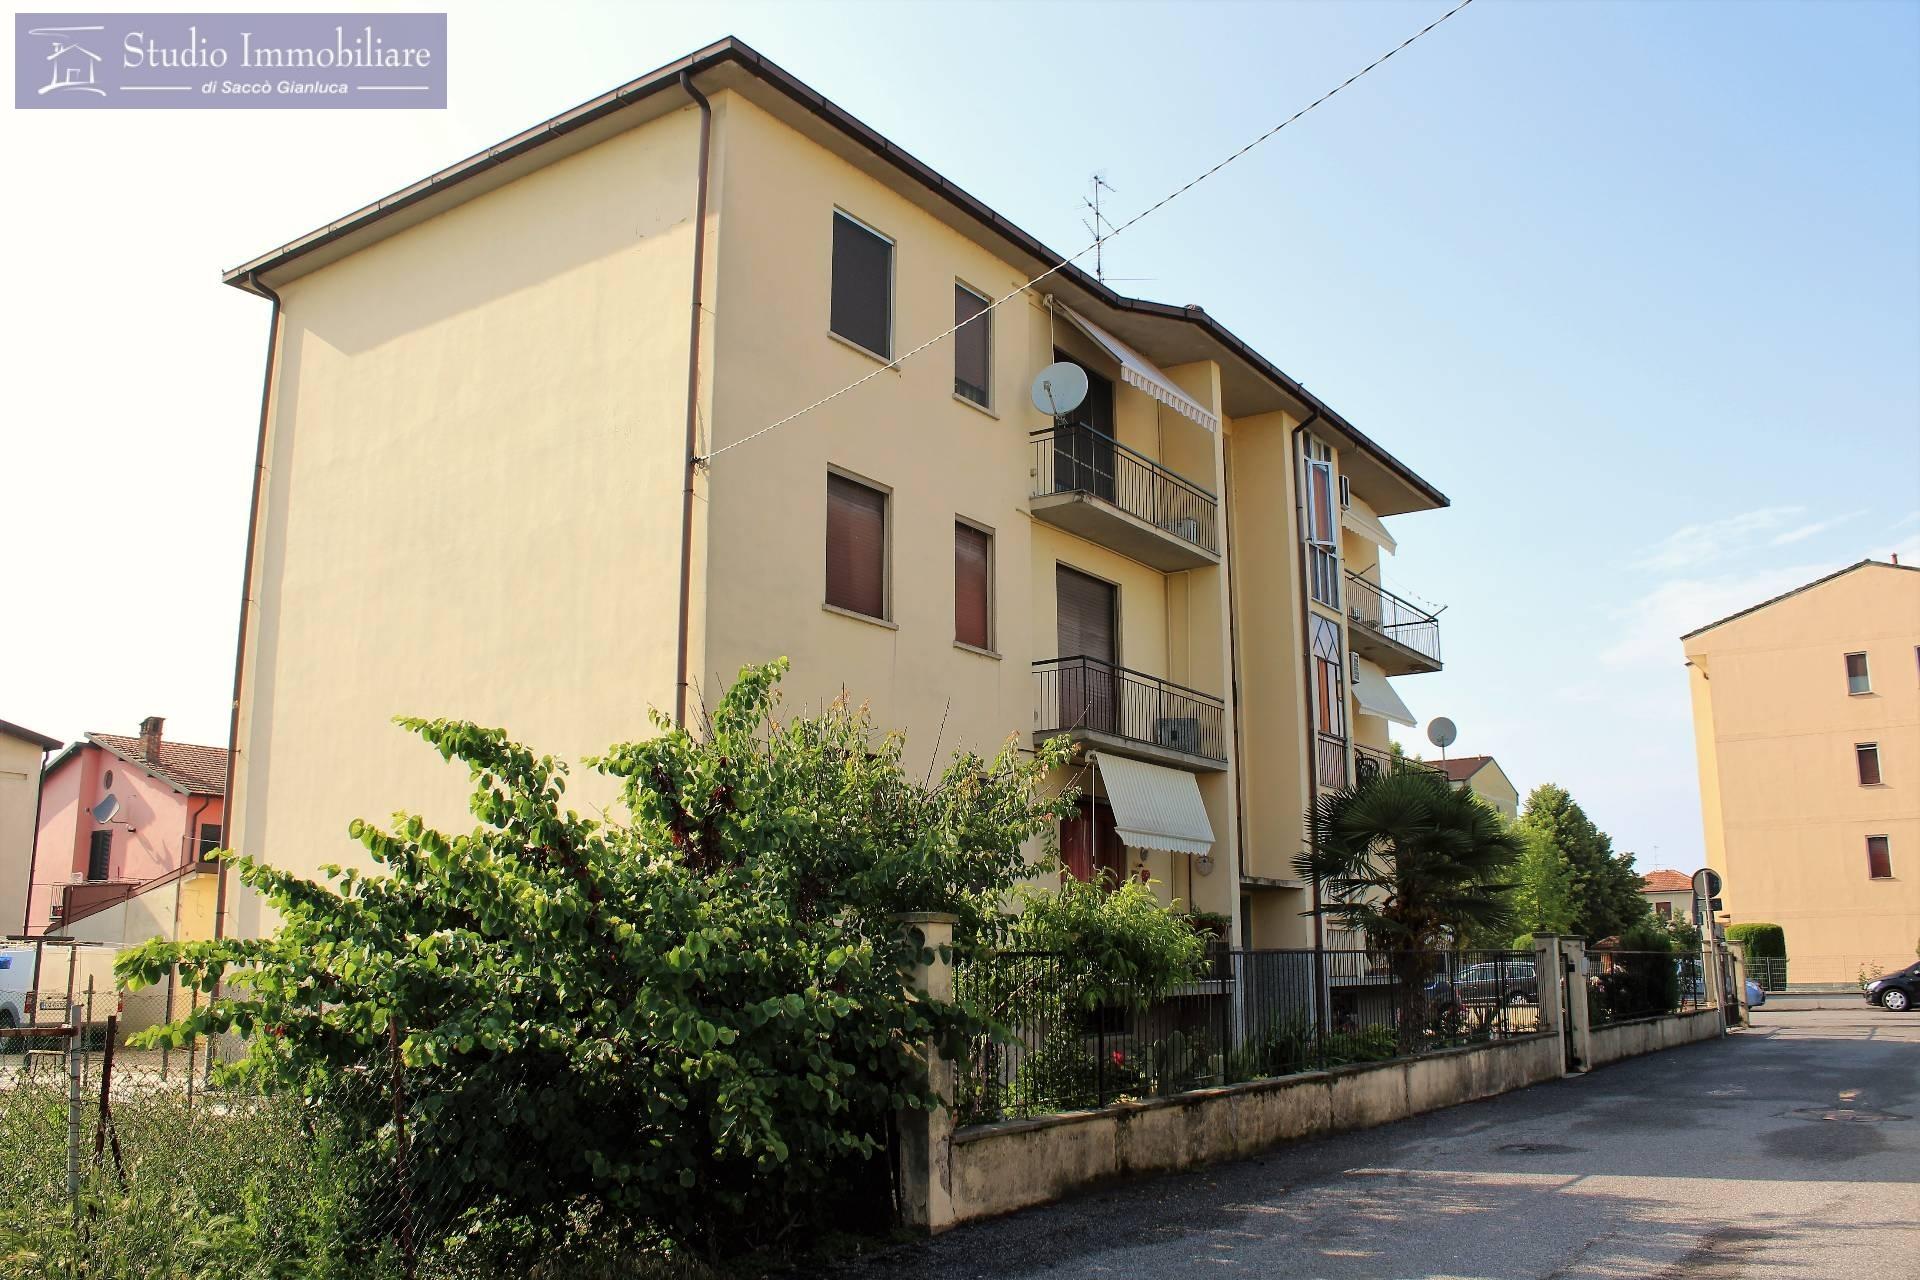 Appartamento in vendita a Bressana Bottarone, 3 locali, prezzo € 56.000 | CambioCasa.it